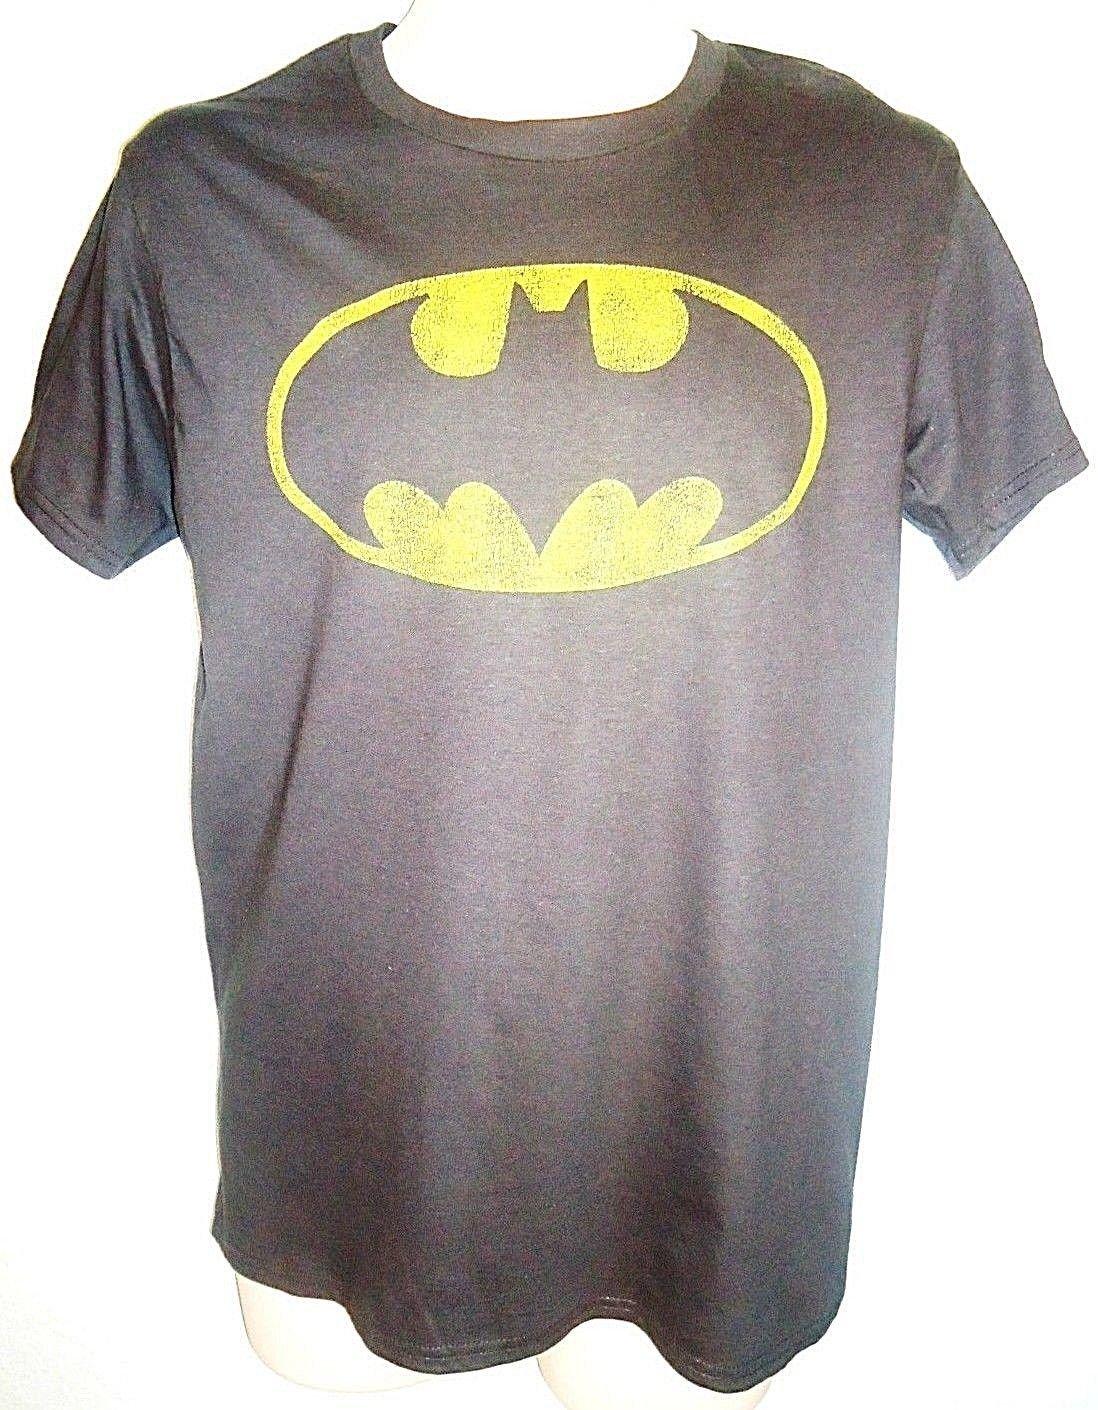 DC COMICS - BATMAN - BLACK - RETRO - TEE - MEDIUM - COMIC - NEW - JUSTICE LEAGUE